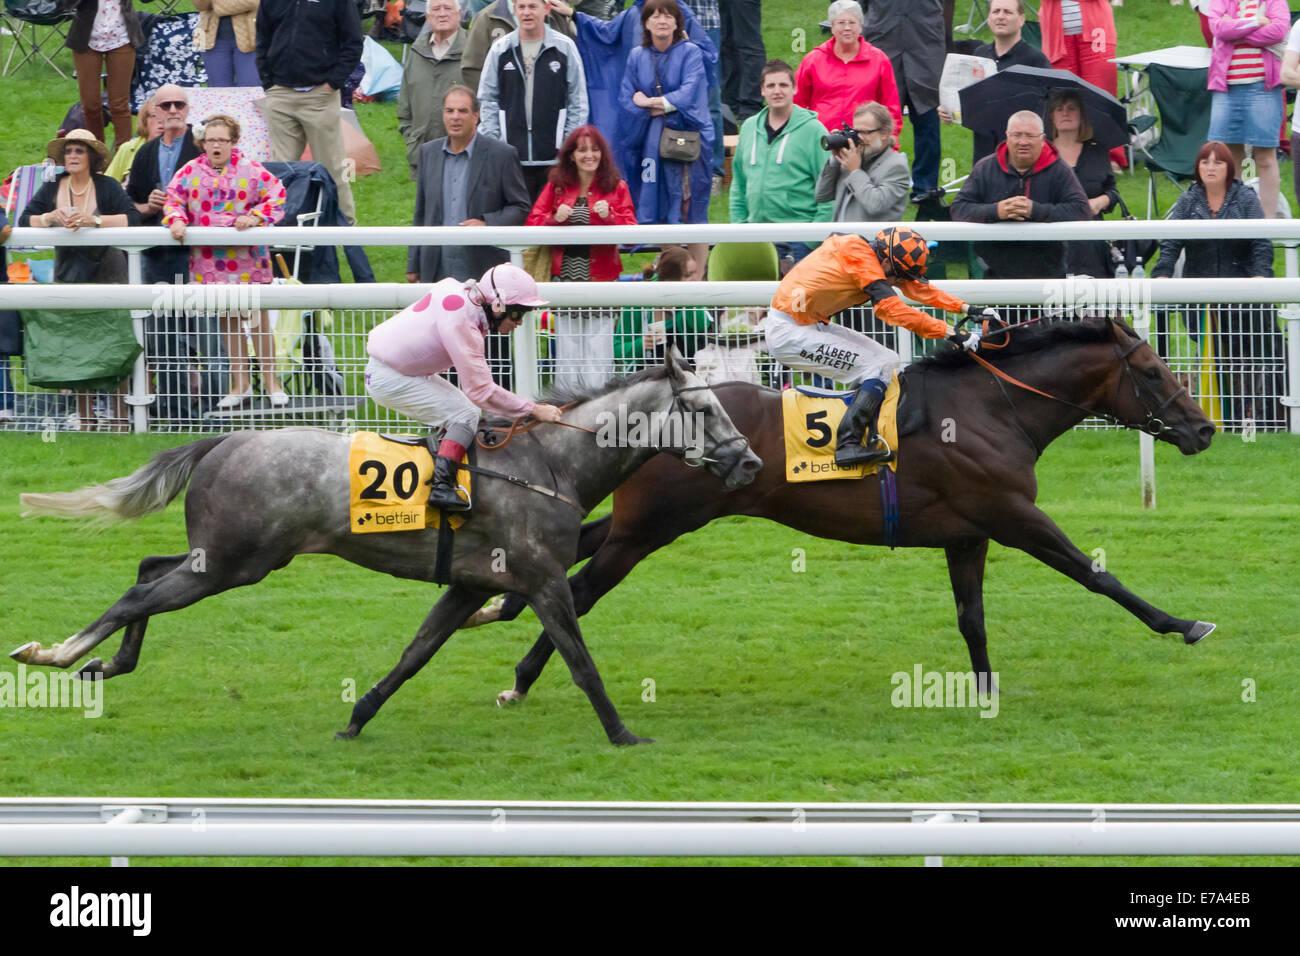 York Races the Ebor weekend 2012 - Stock Image